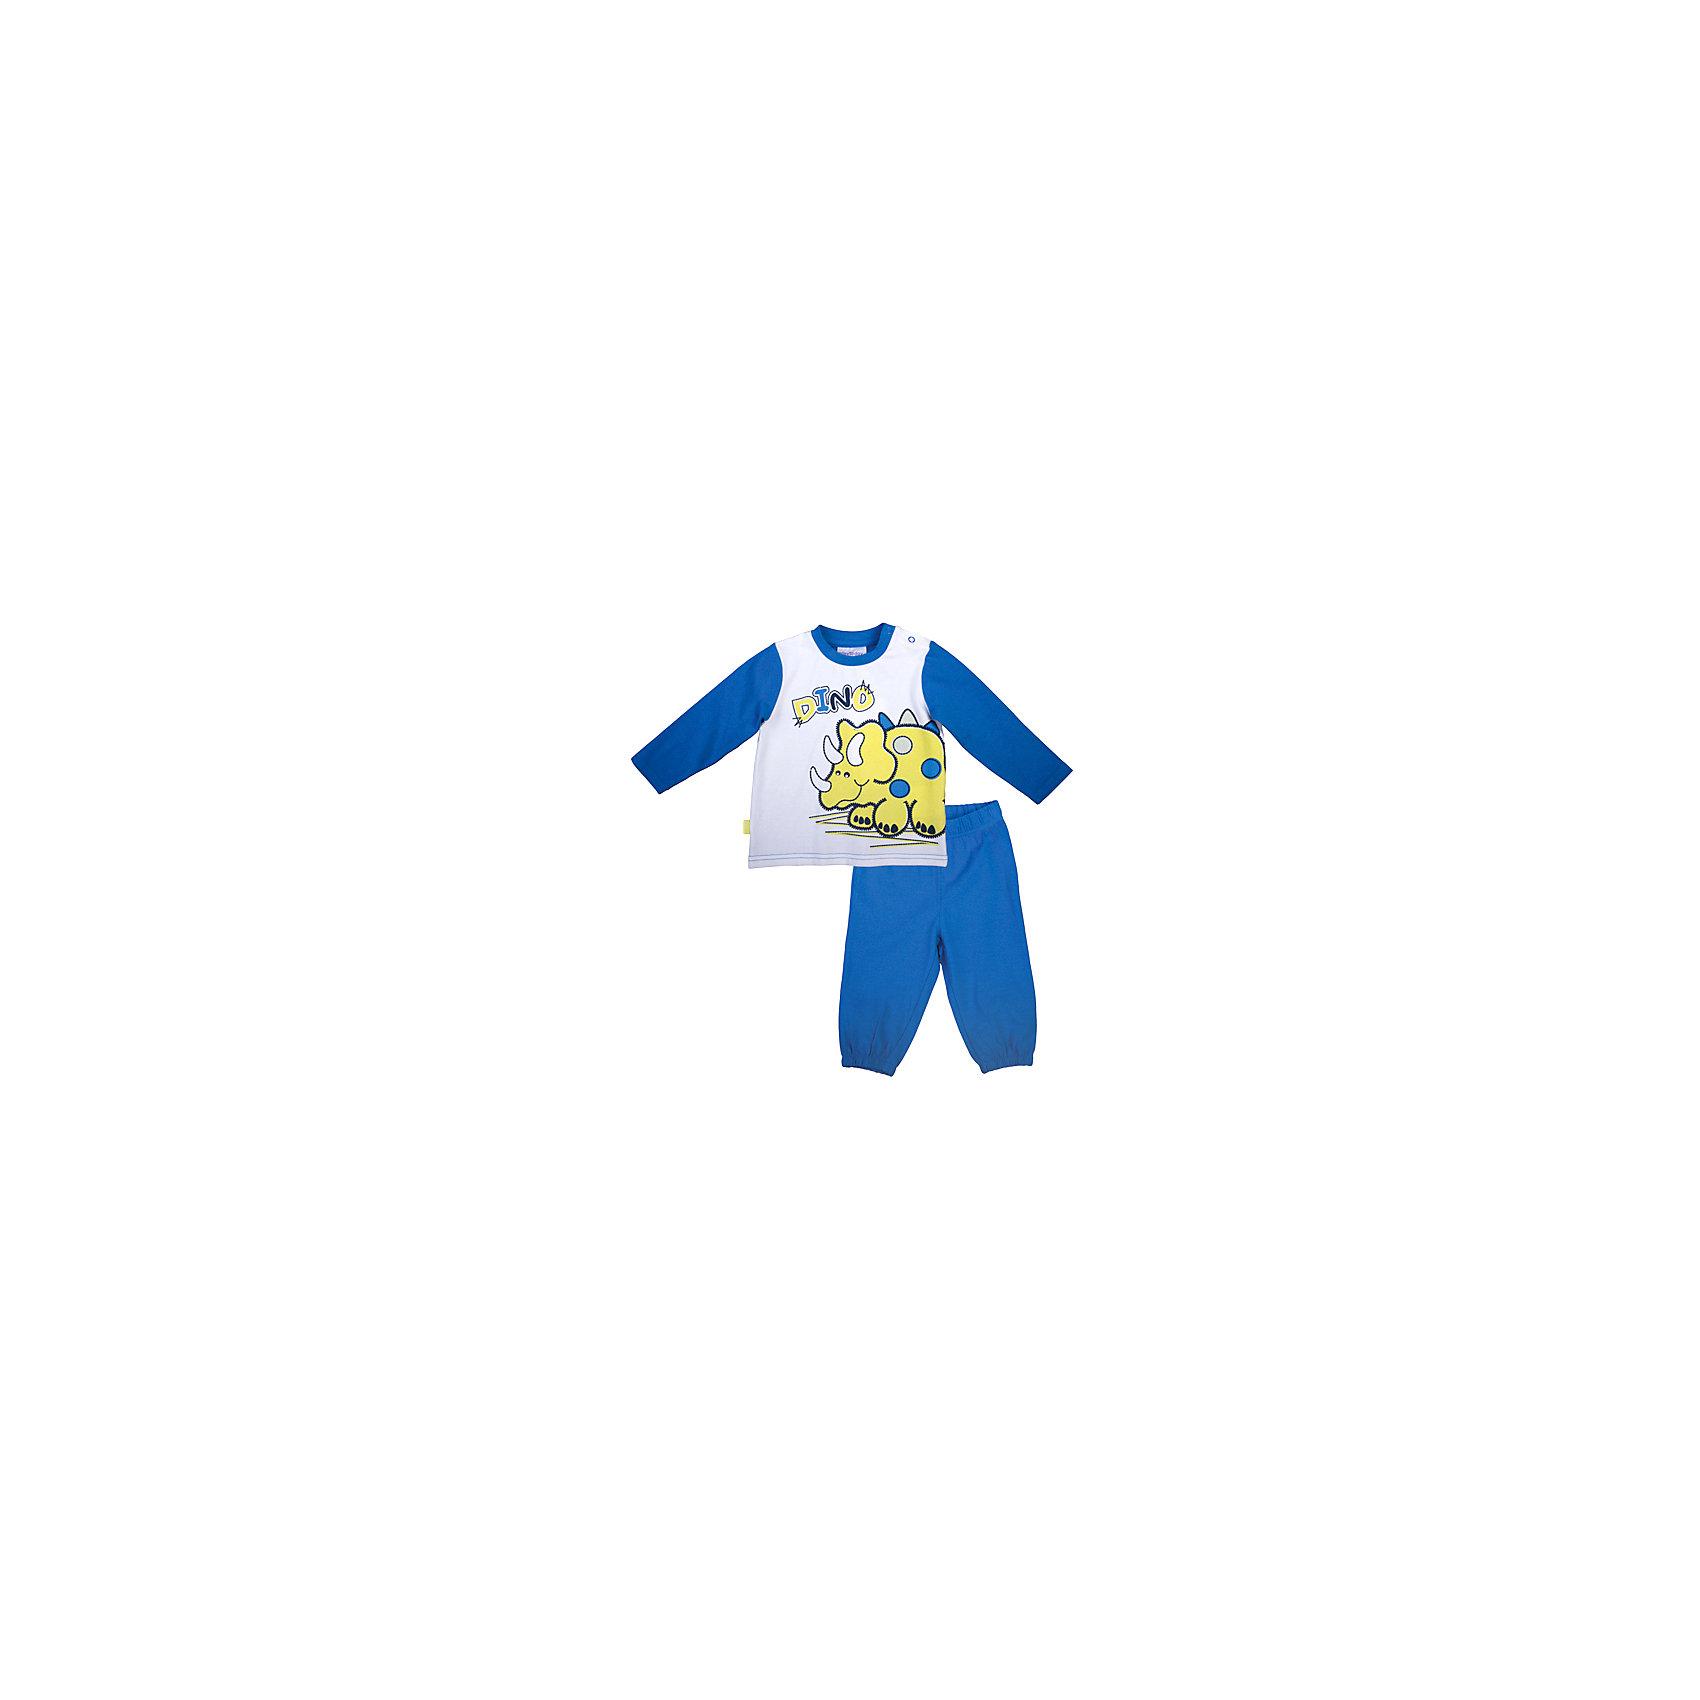 Комплект: футболка с длинным рукавом и брюки для мальчика PlayTodayКомплекты<br>Комплект: футболка с длинным рукавом и брюки для мальчика от известного бренда PlayToday.<br>Комплект из футболки с длинными рукавами и брюк. Футболка украшена ярким водным принтом с забавным динозавриком. Застегивается на кнопки на плече. Пояс и низ штанишек на резинке.<br>Состав:<br>95% хлопок, 5% эластан<br><br>Ширина мм: 157<br>Глубина мм: 13<br>Высота мм: 119<br>Вес г: 200<br>Цвет: синий<br>Возраст от месяцев: 18<br>Возраст до месяцев: 24<br>Пол: Мужской<br>Возраст: Детский<br>Размер: 92,74,80,86<br>SKU: 4900413